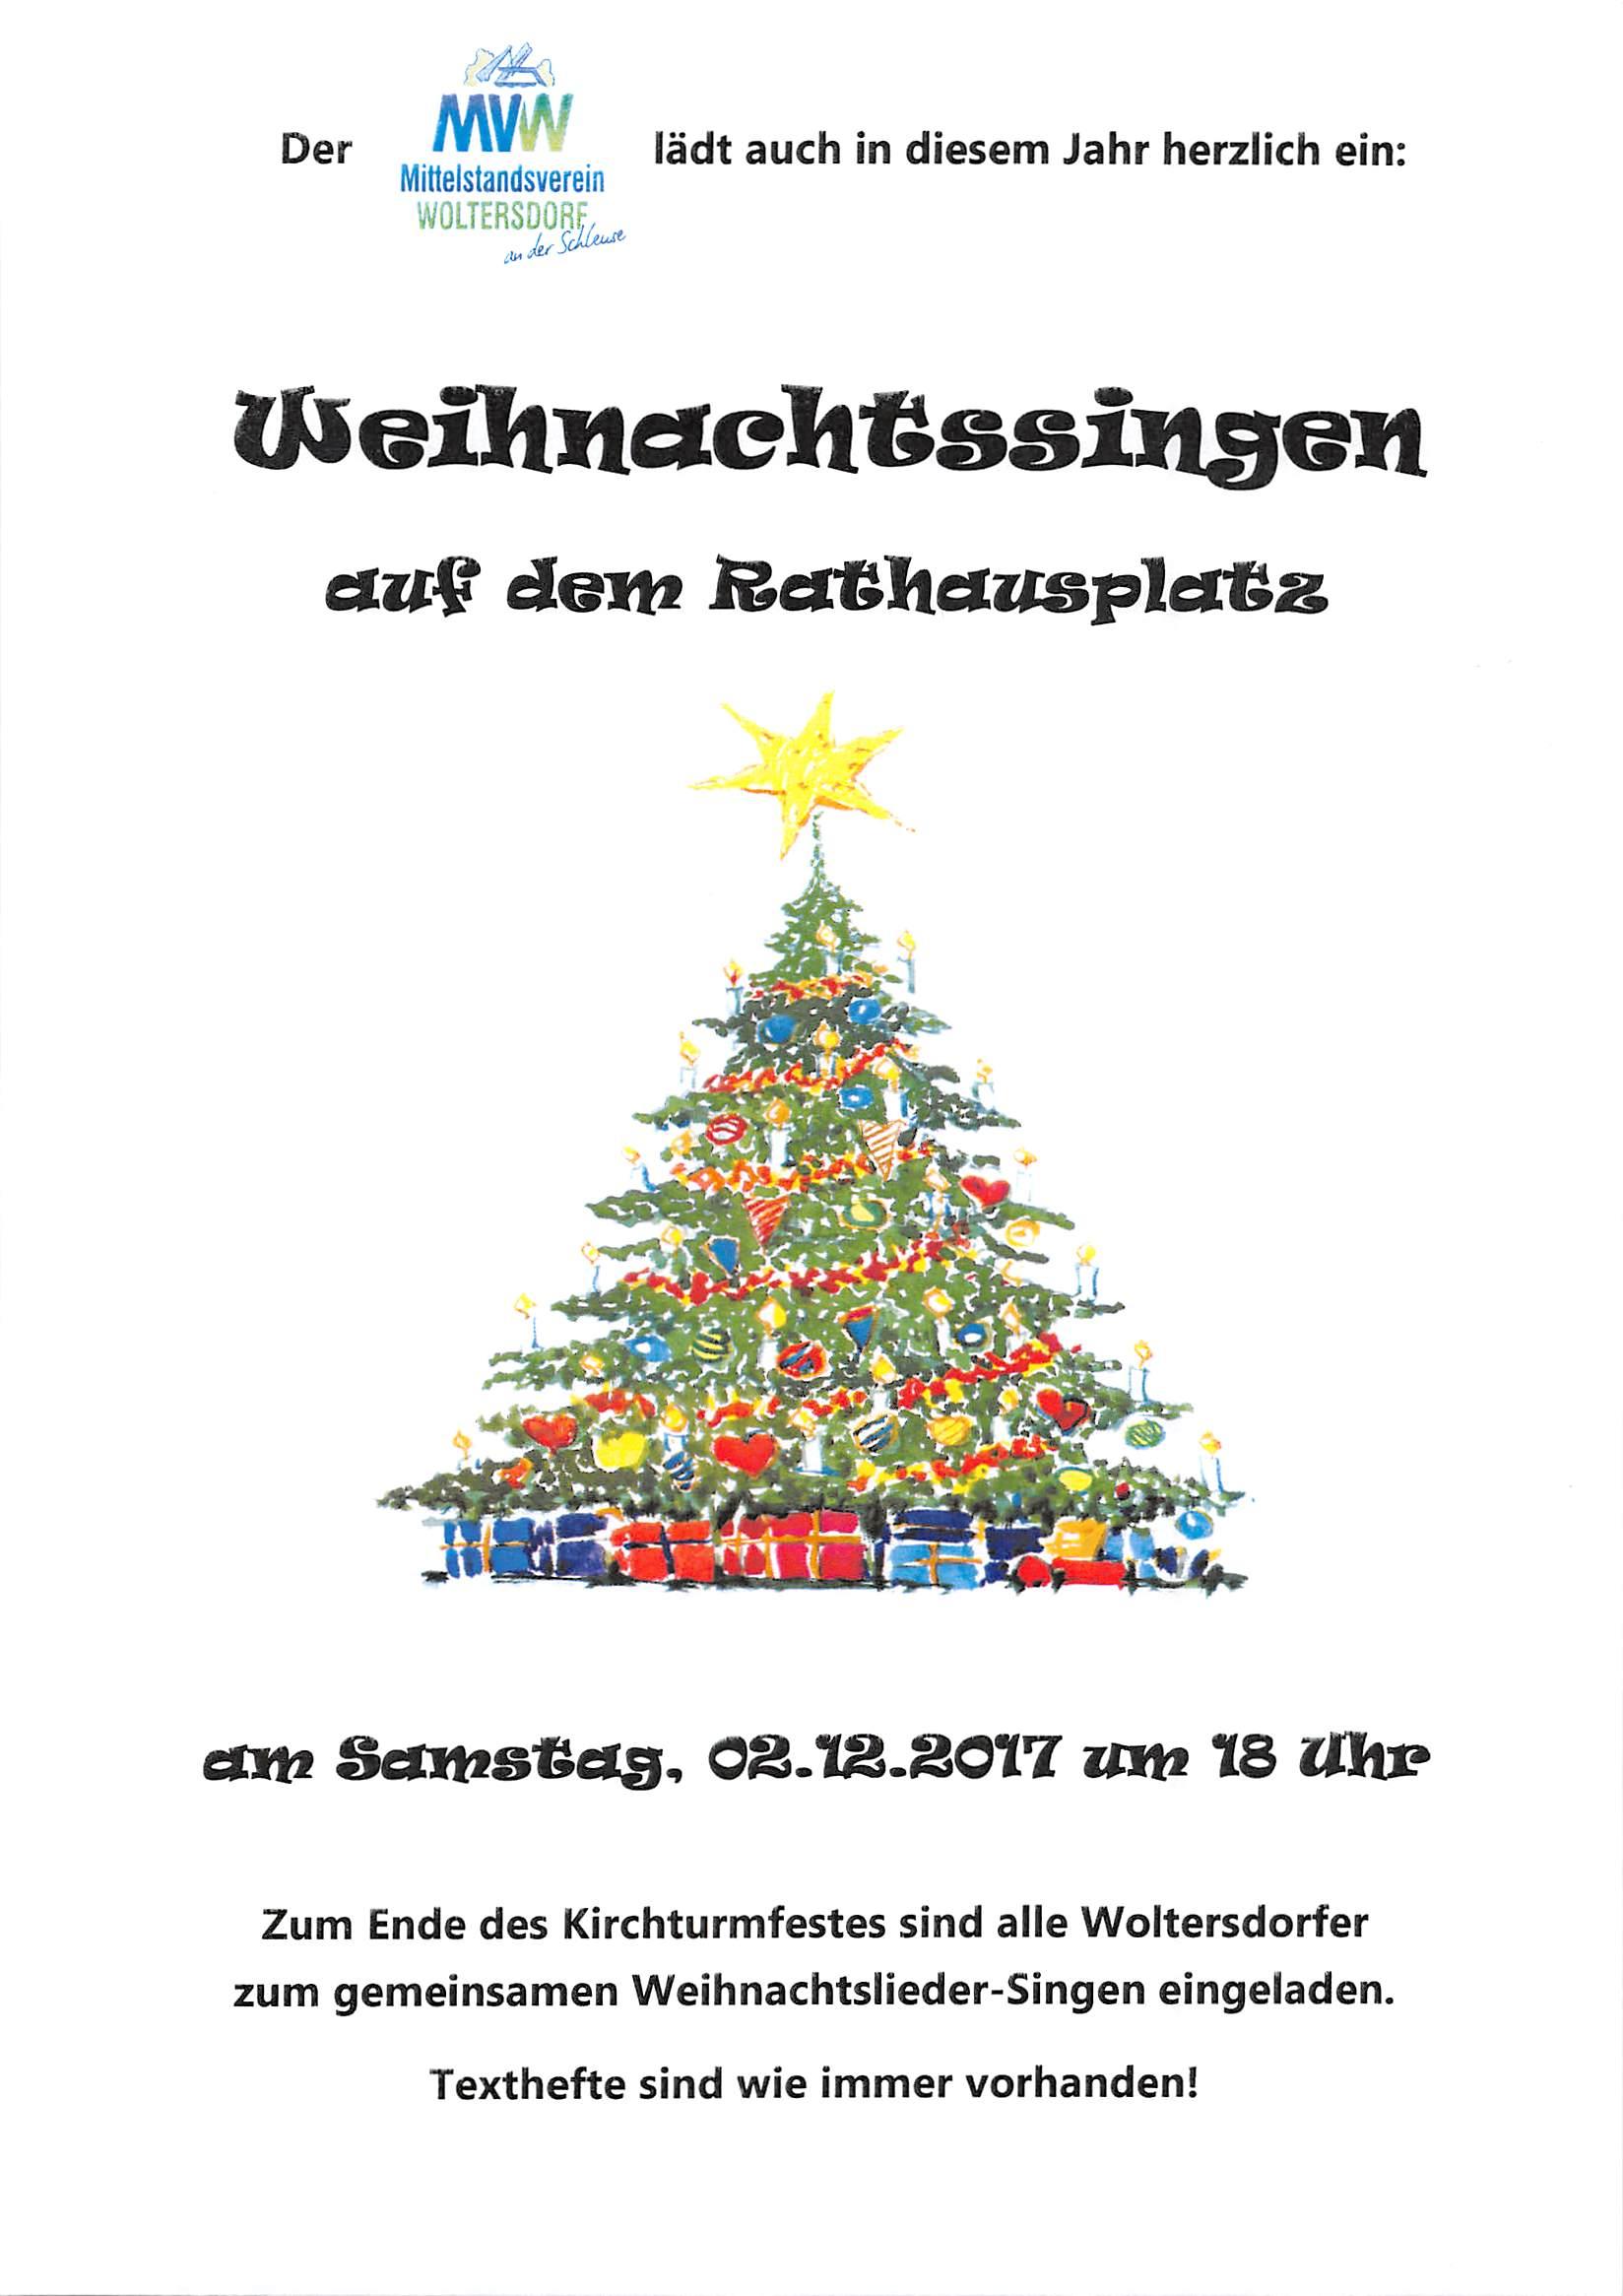 """02.12.2017 – Herzliche Einladung zum """"Weihnachtssingen auf dem Rathausplatz"""""""